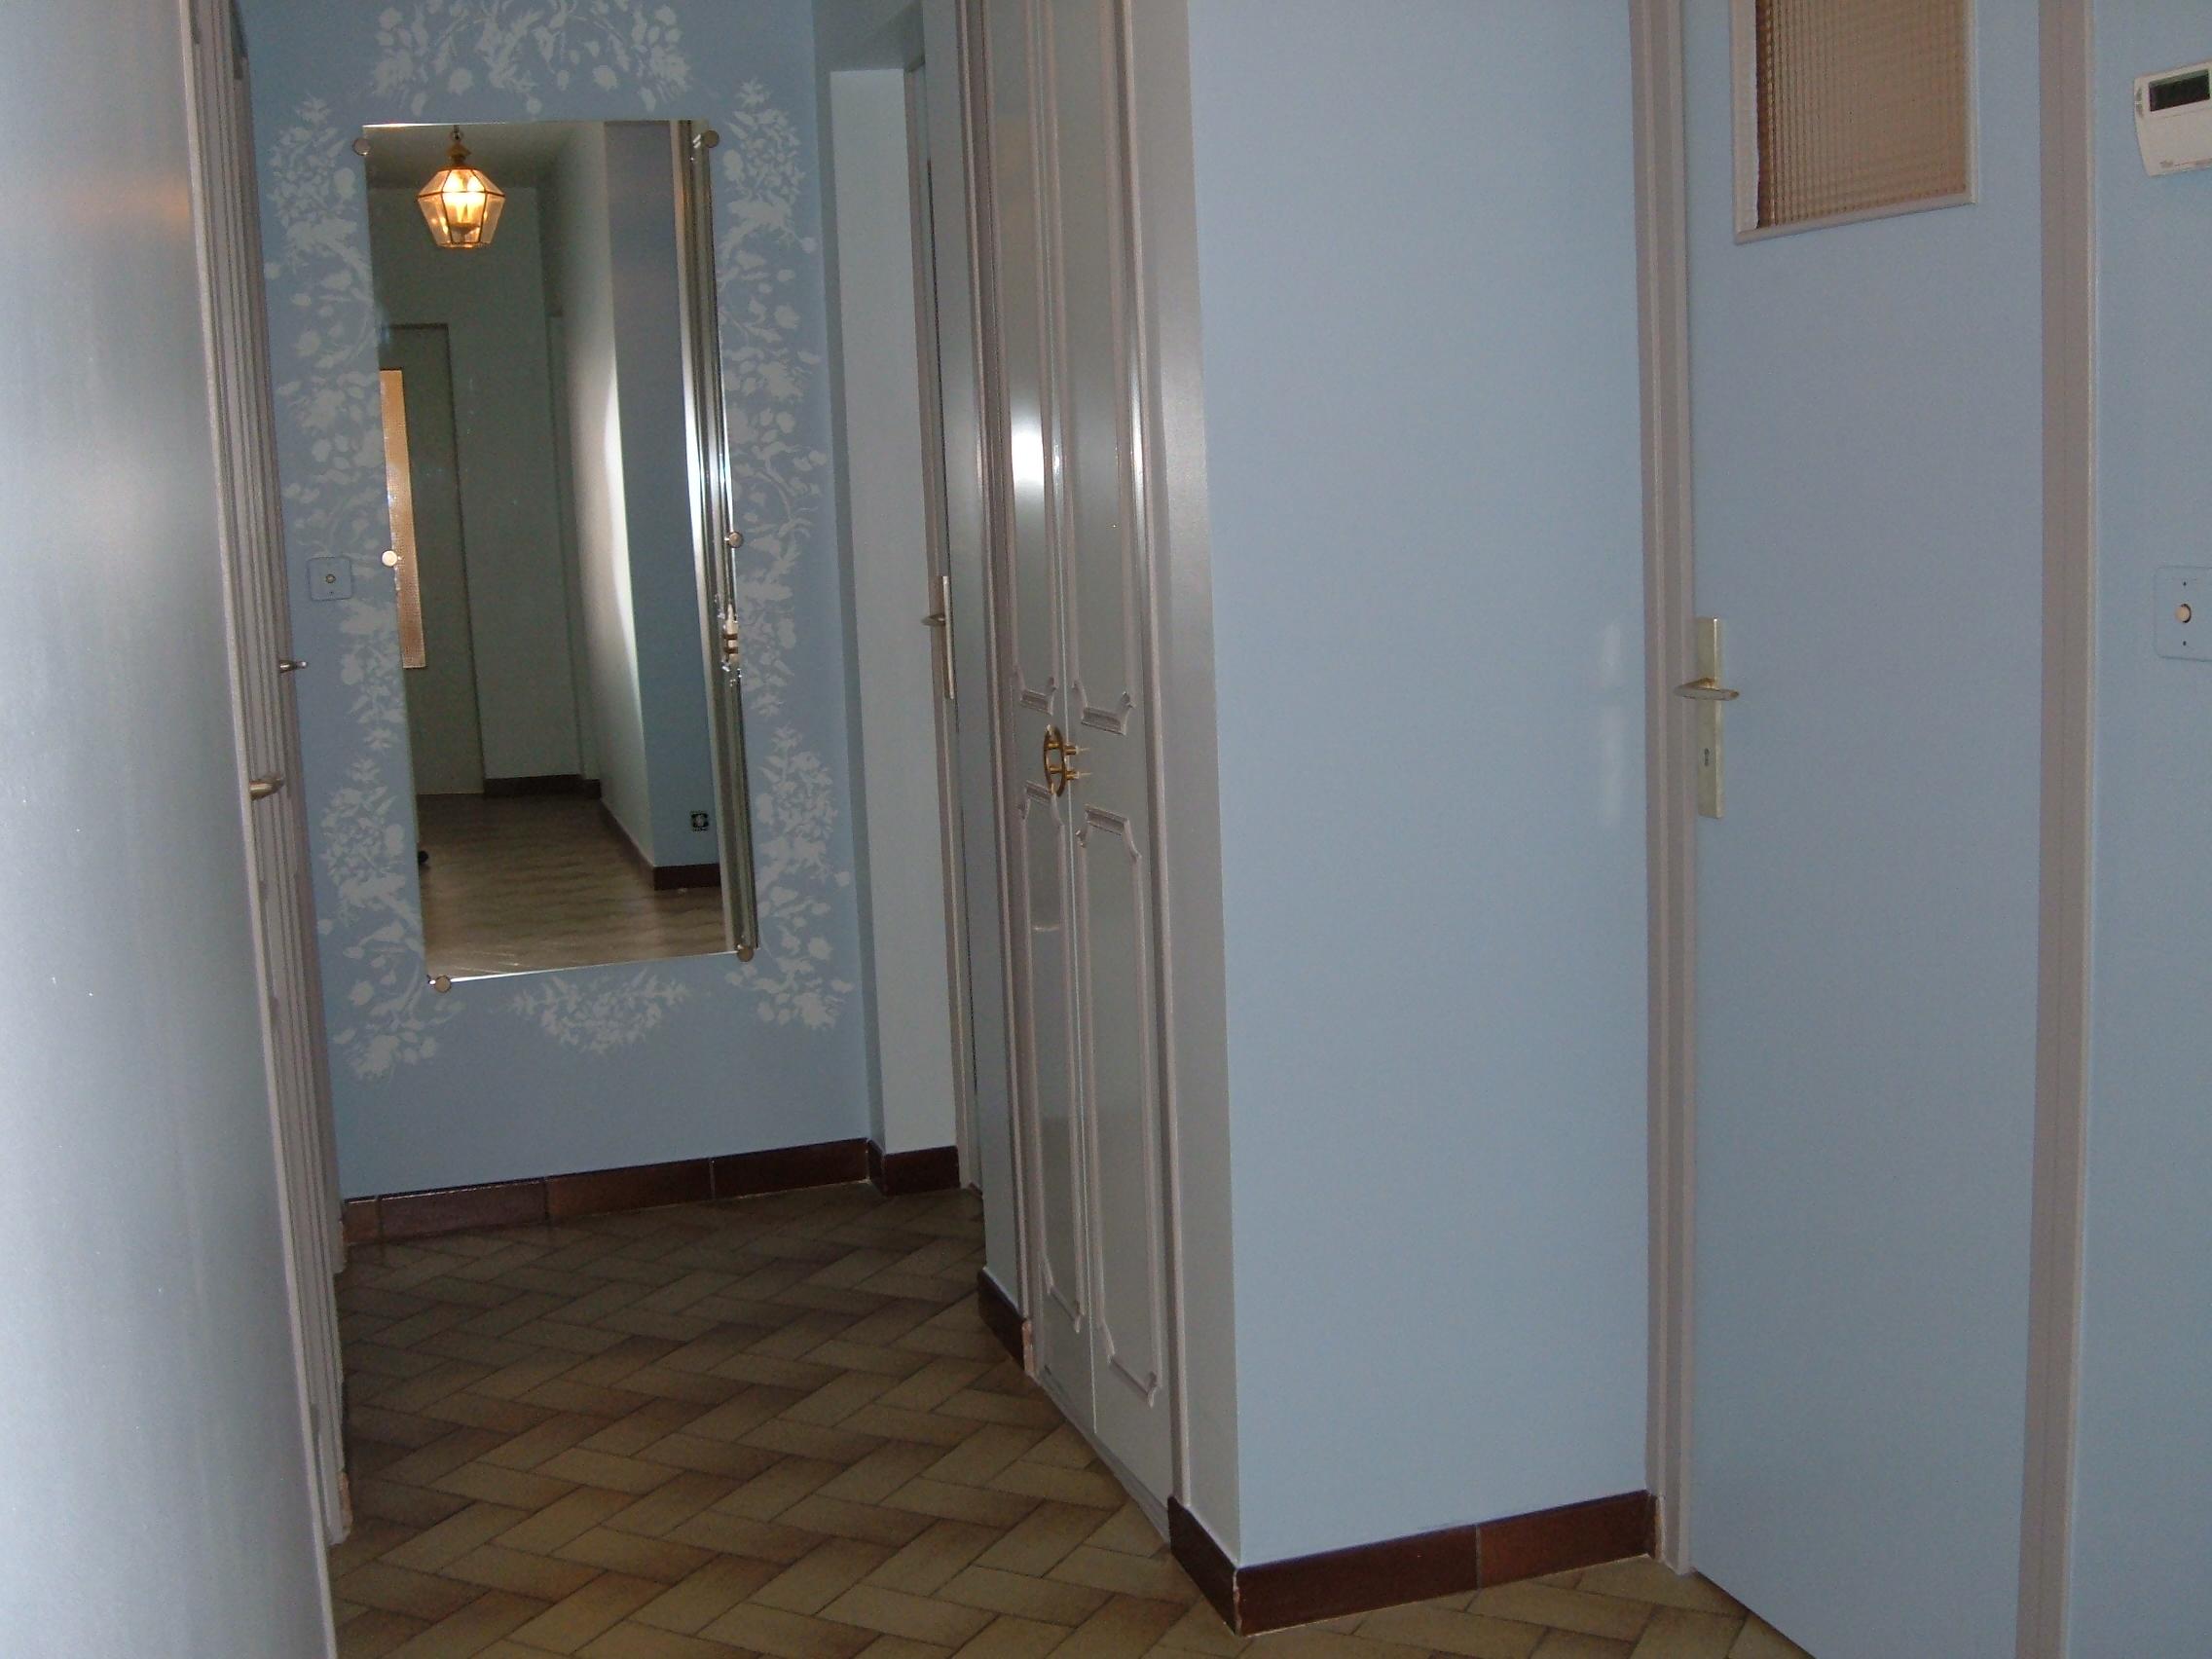 D coration int rieur suite peintures et d cors - Decoration porte interieur peinture ...